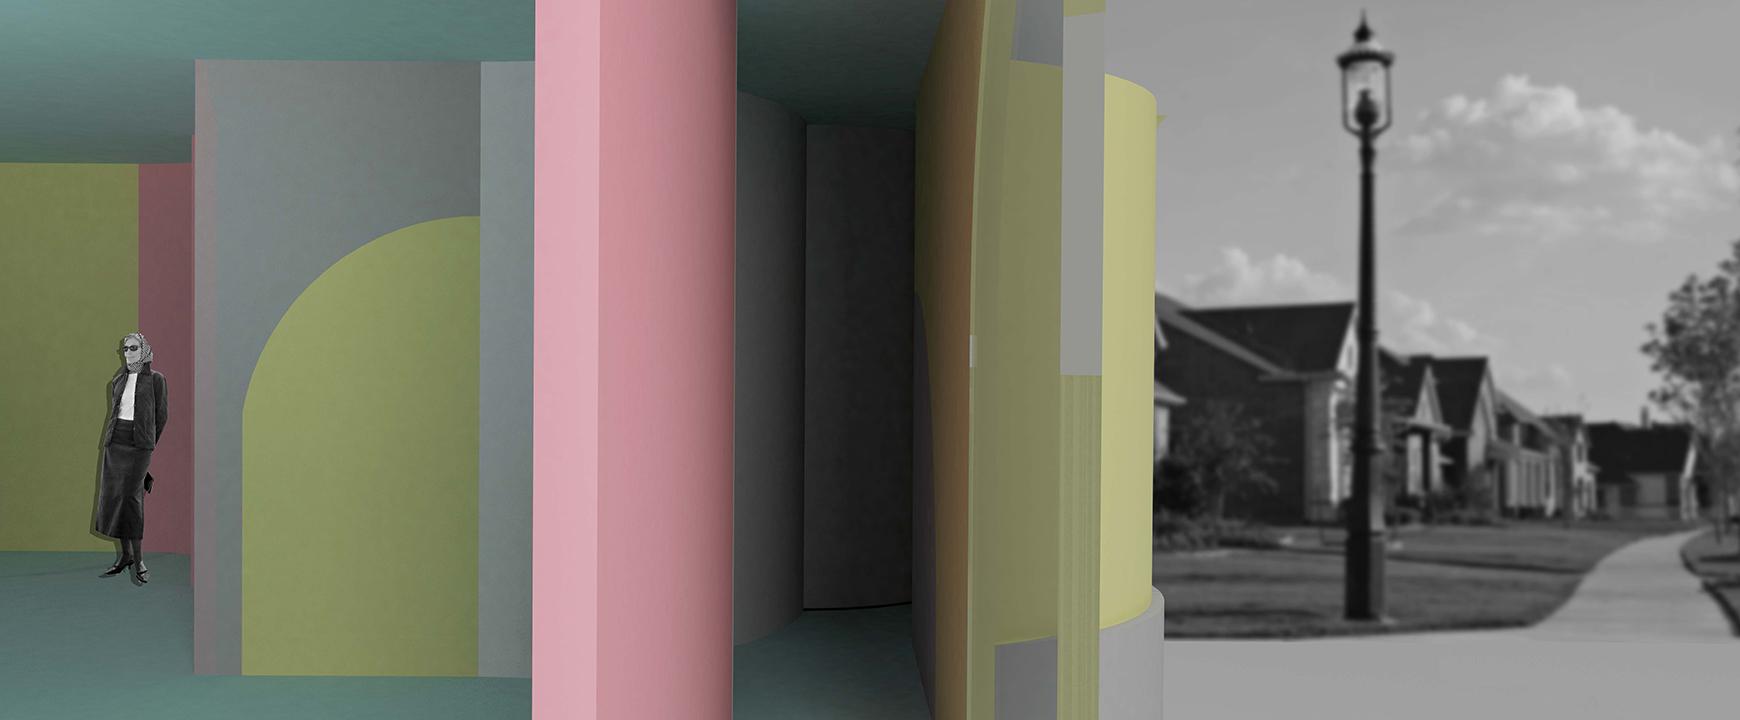 Sectional view, a room, a hidden passage.